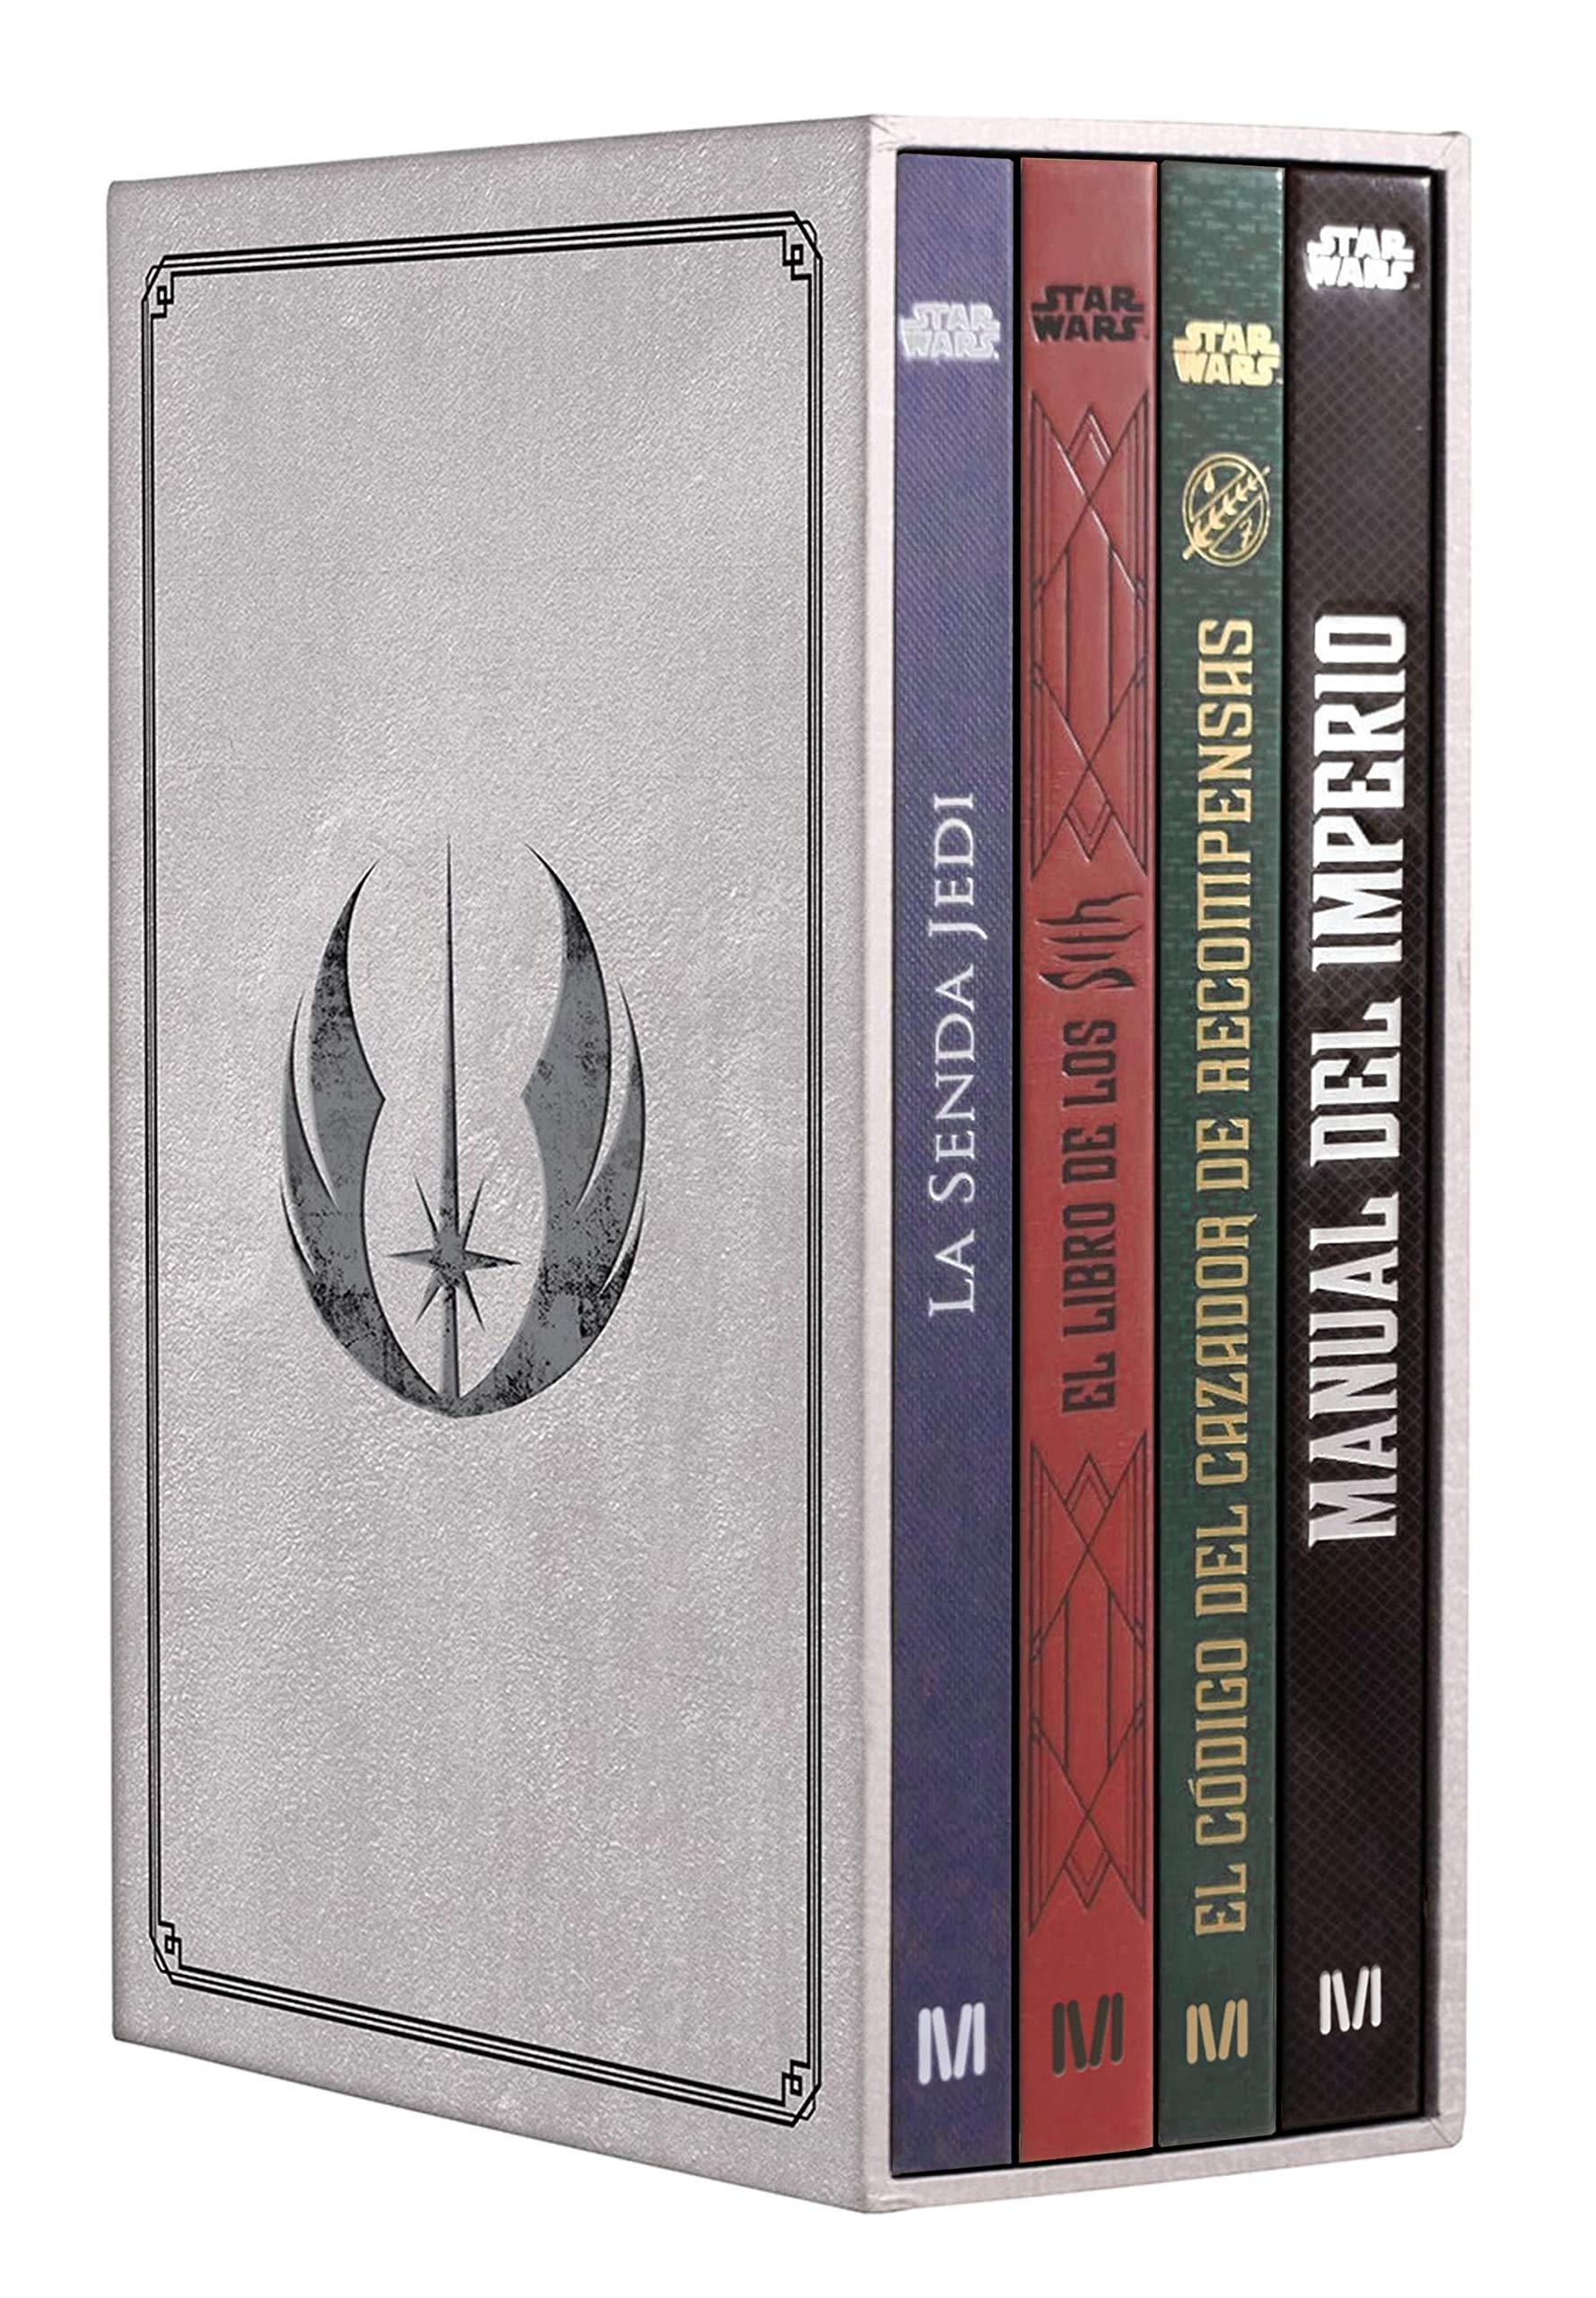 Star Wars Secretos de la galaxia Estuche de lujo Star Wars Ilustrados: Amazon.es: Wallace, Daniel, Traducciones Imposibles S. L.: Libros